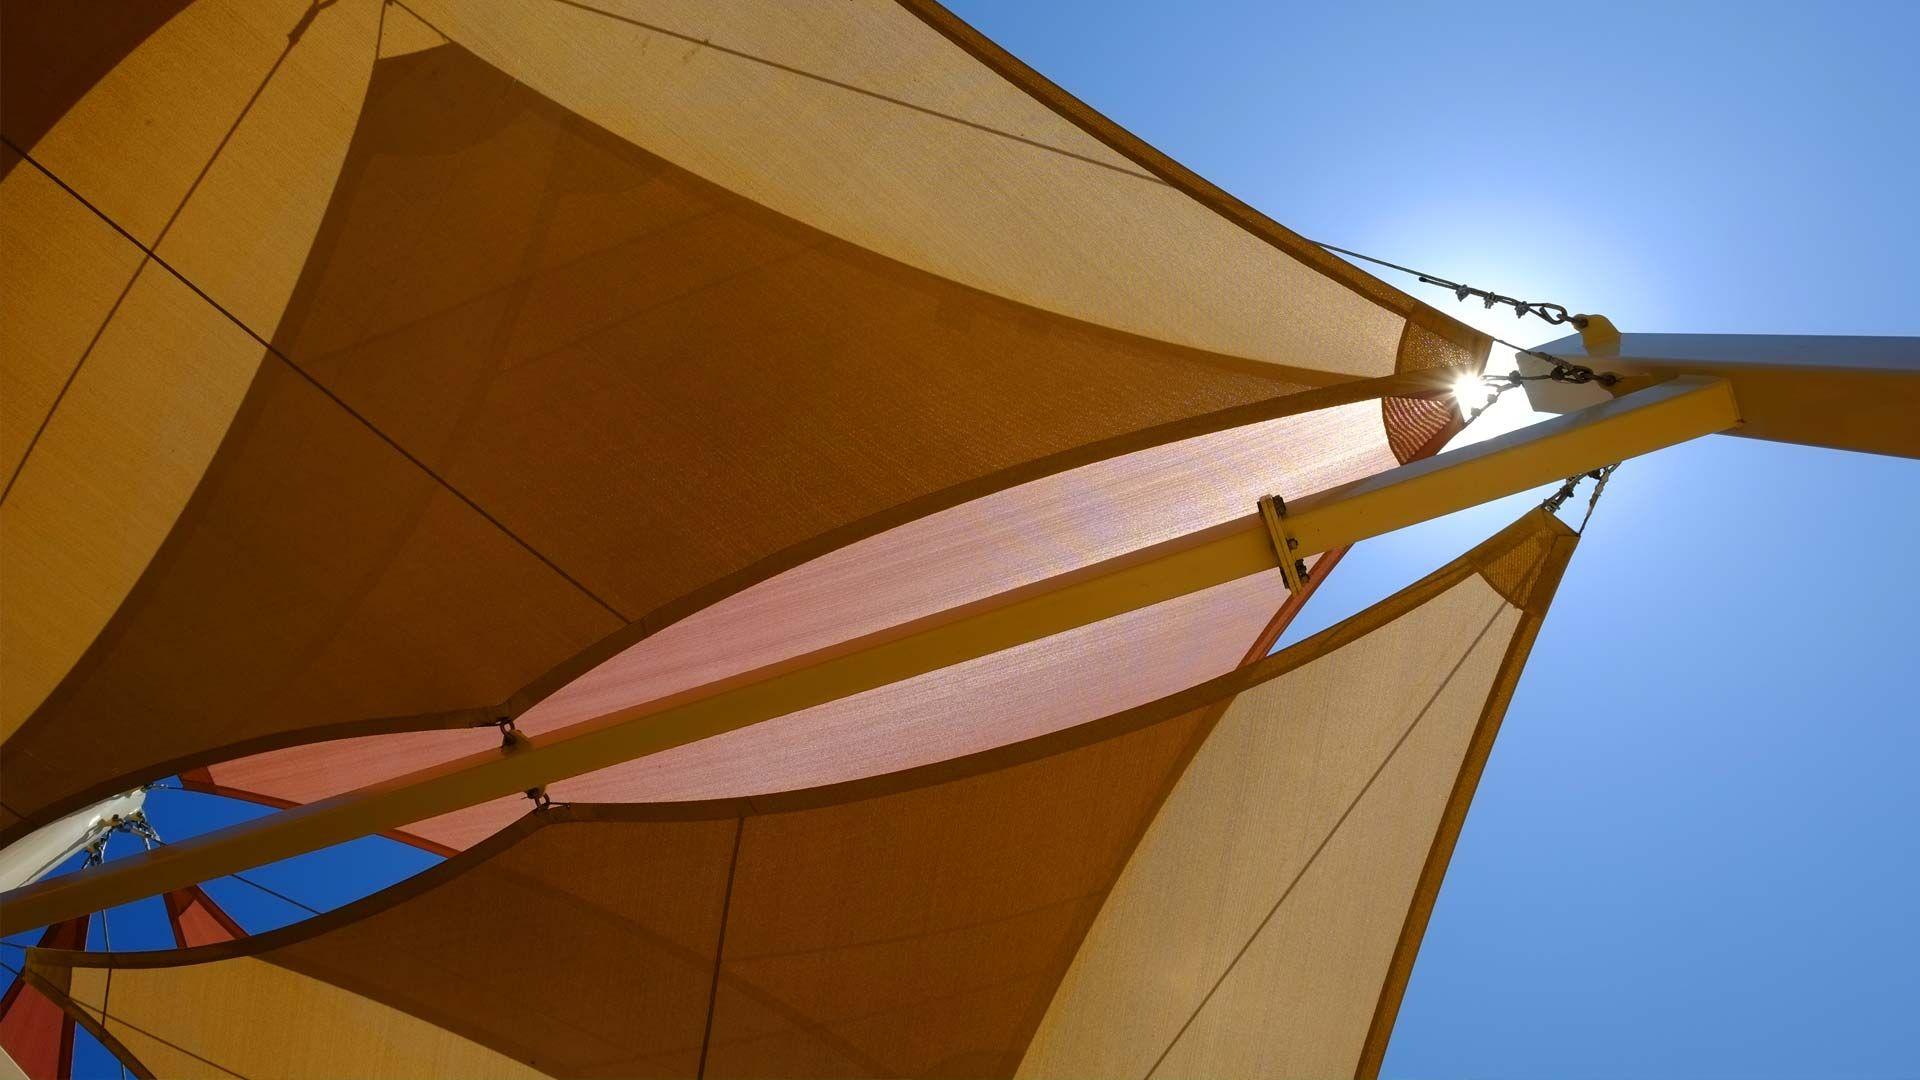 DIY Shade Sails Perth (With images) | Diy shades, Shade ...